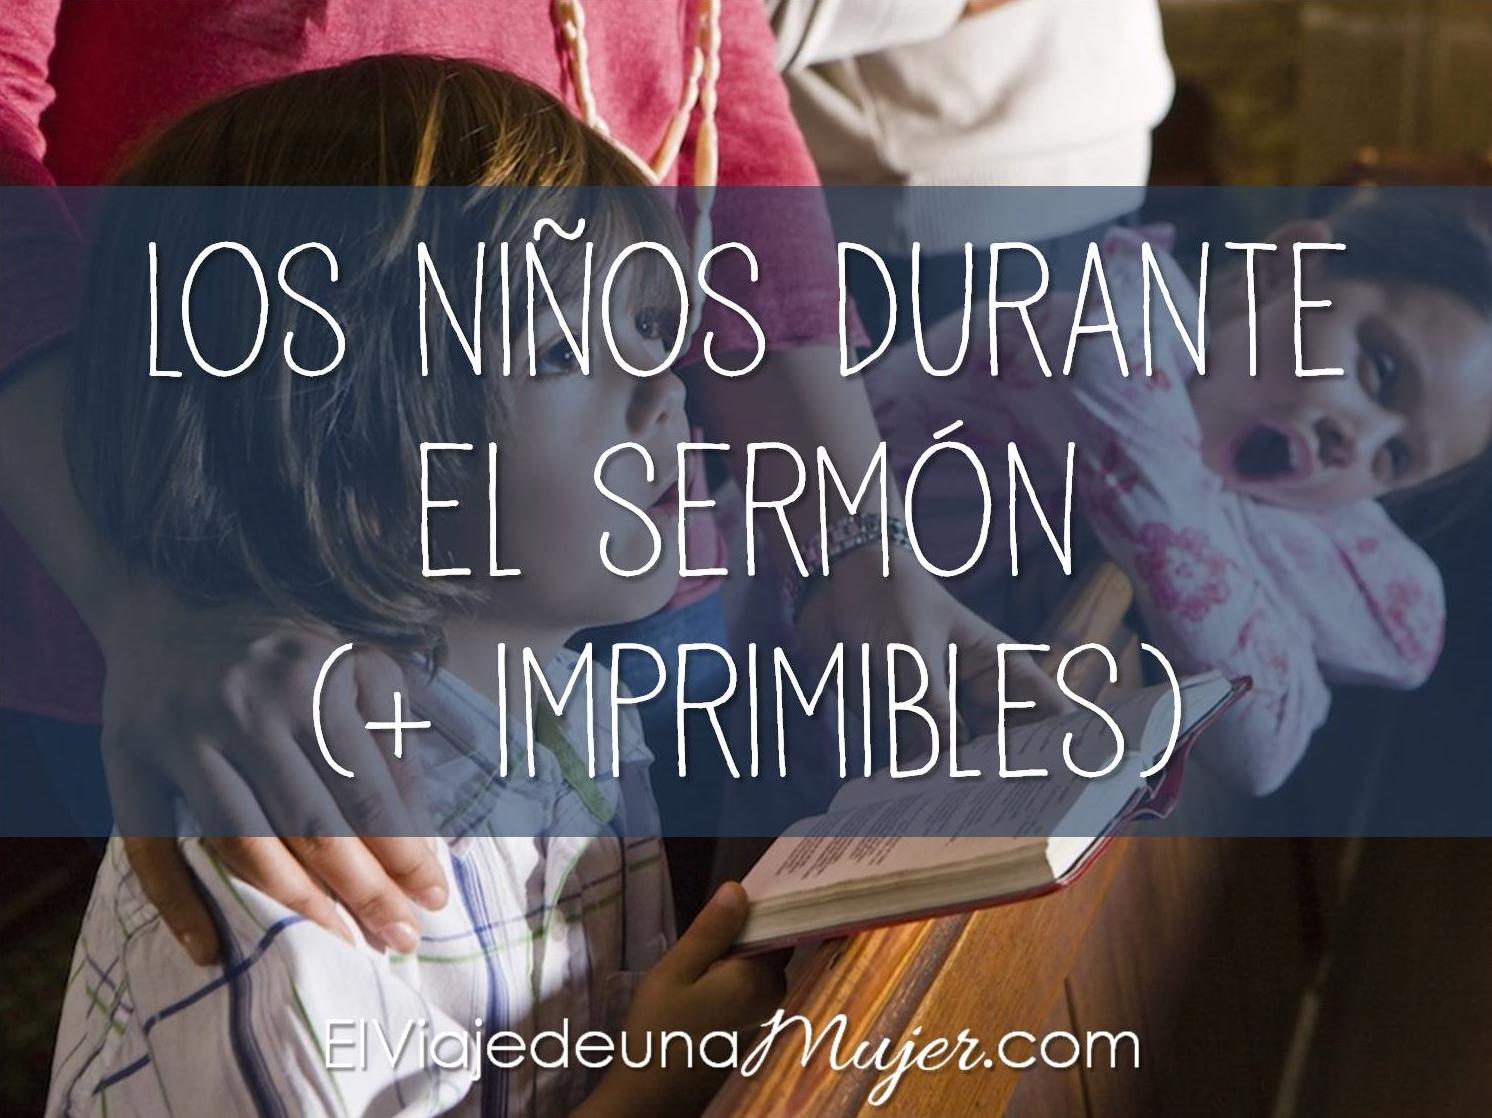 Los niños durante el sermón (+ imprimibles)